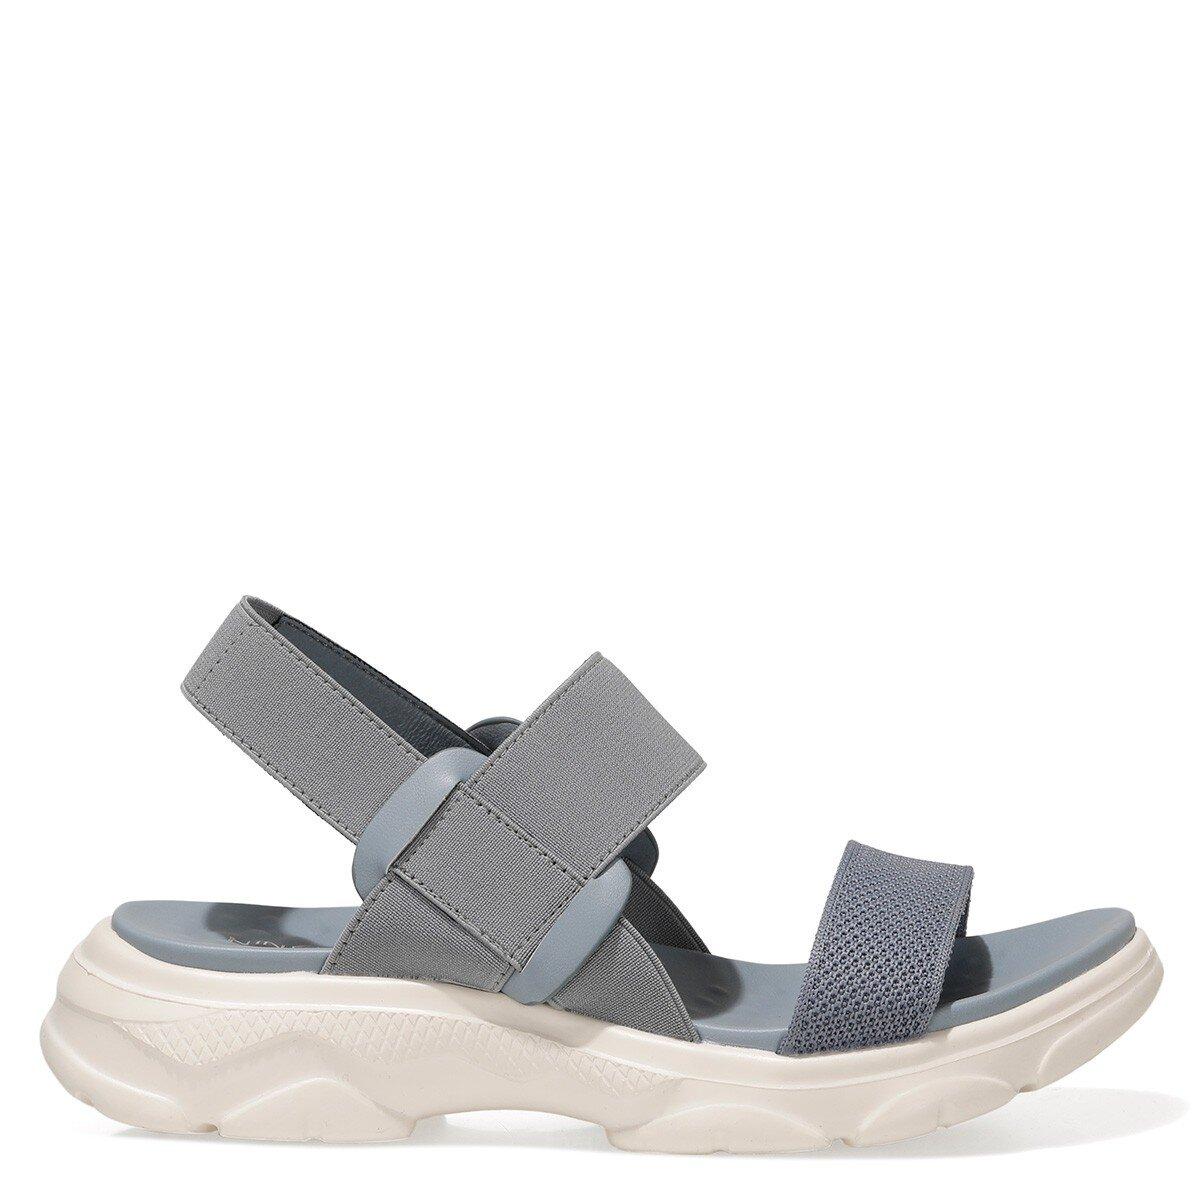 ABAUVIA 1FX Mavi Kadın Düz Sandalet